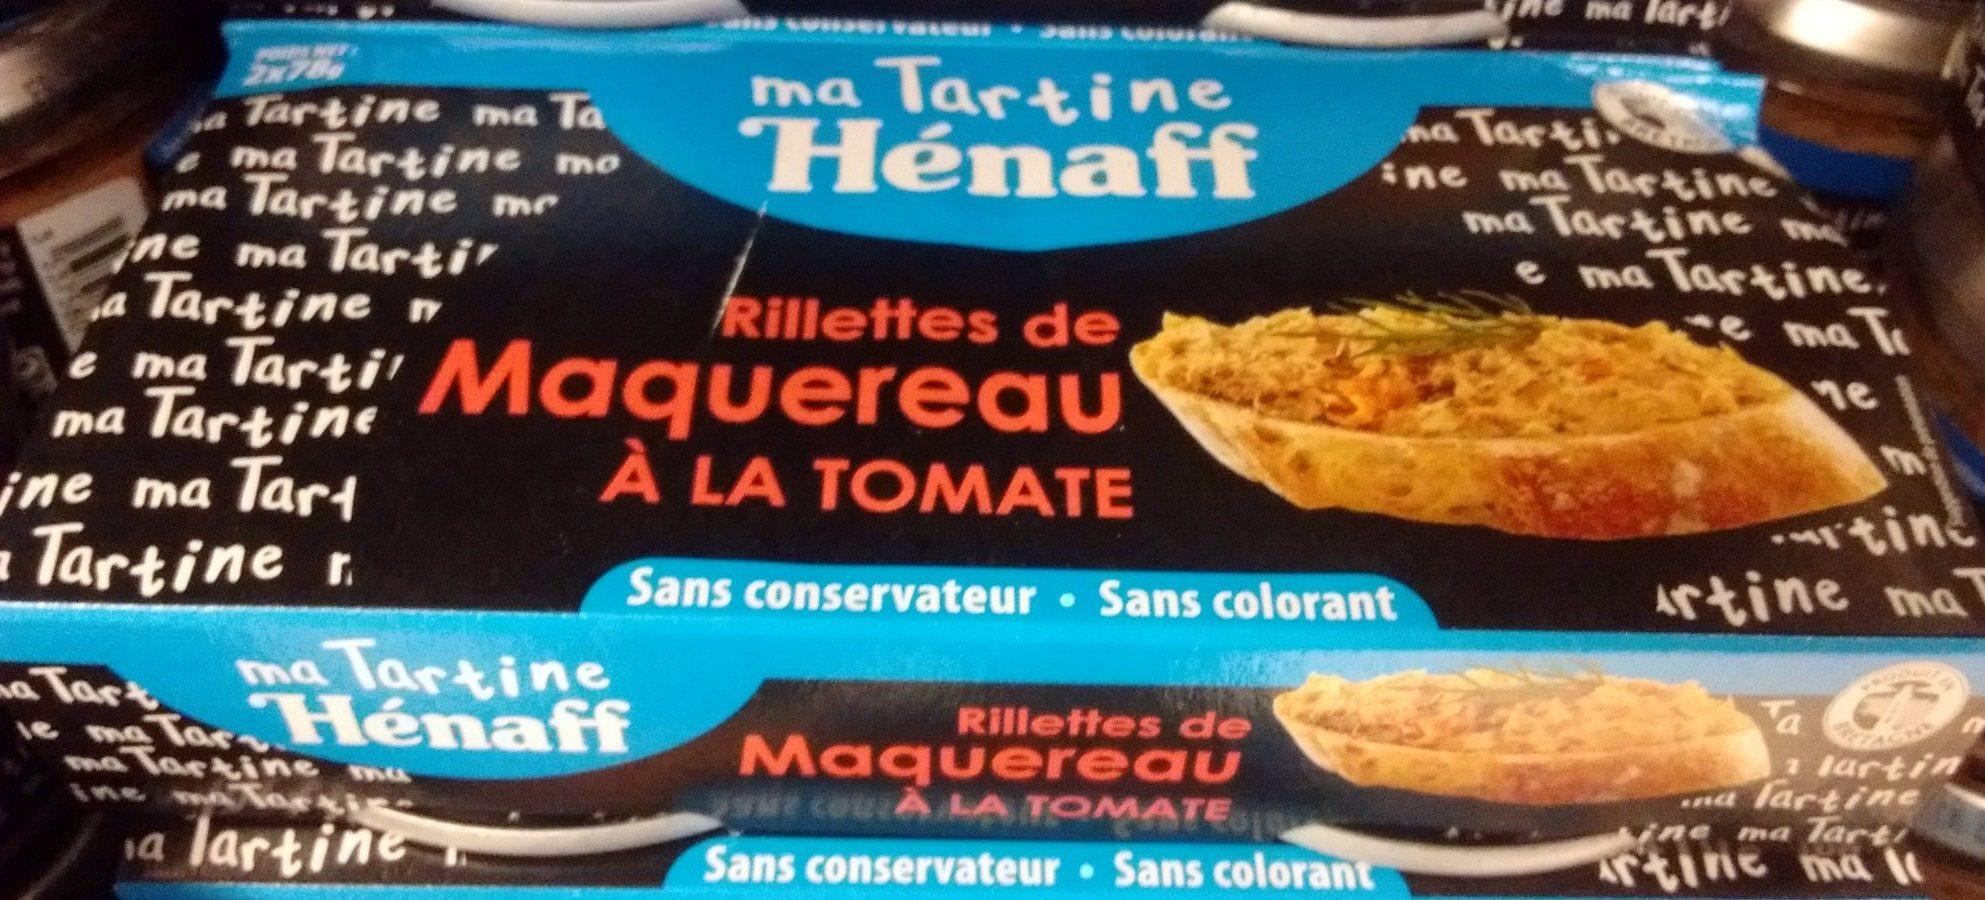 Rillettes de Maquereau à la Tomate - Product - fr